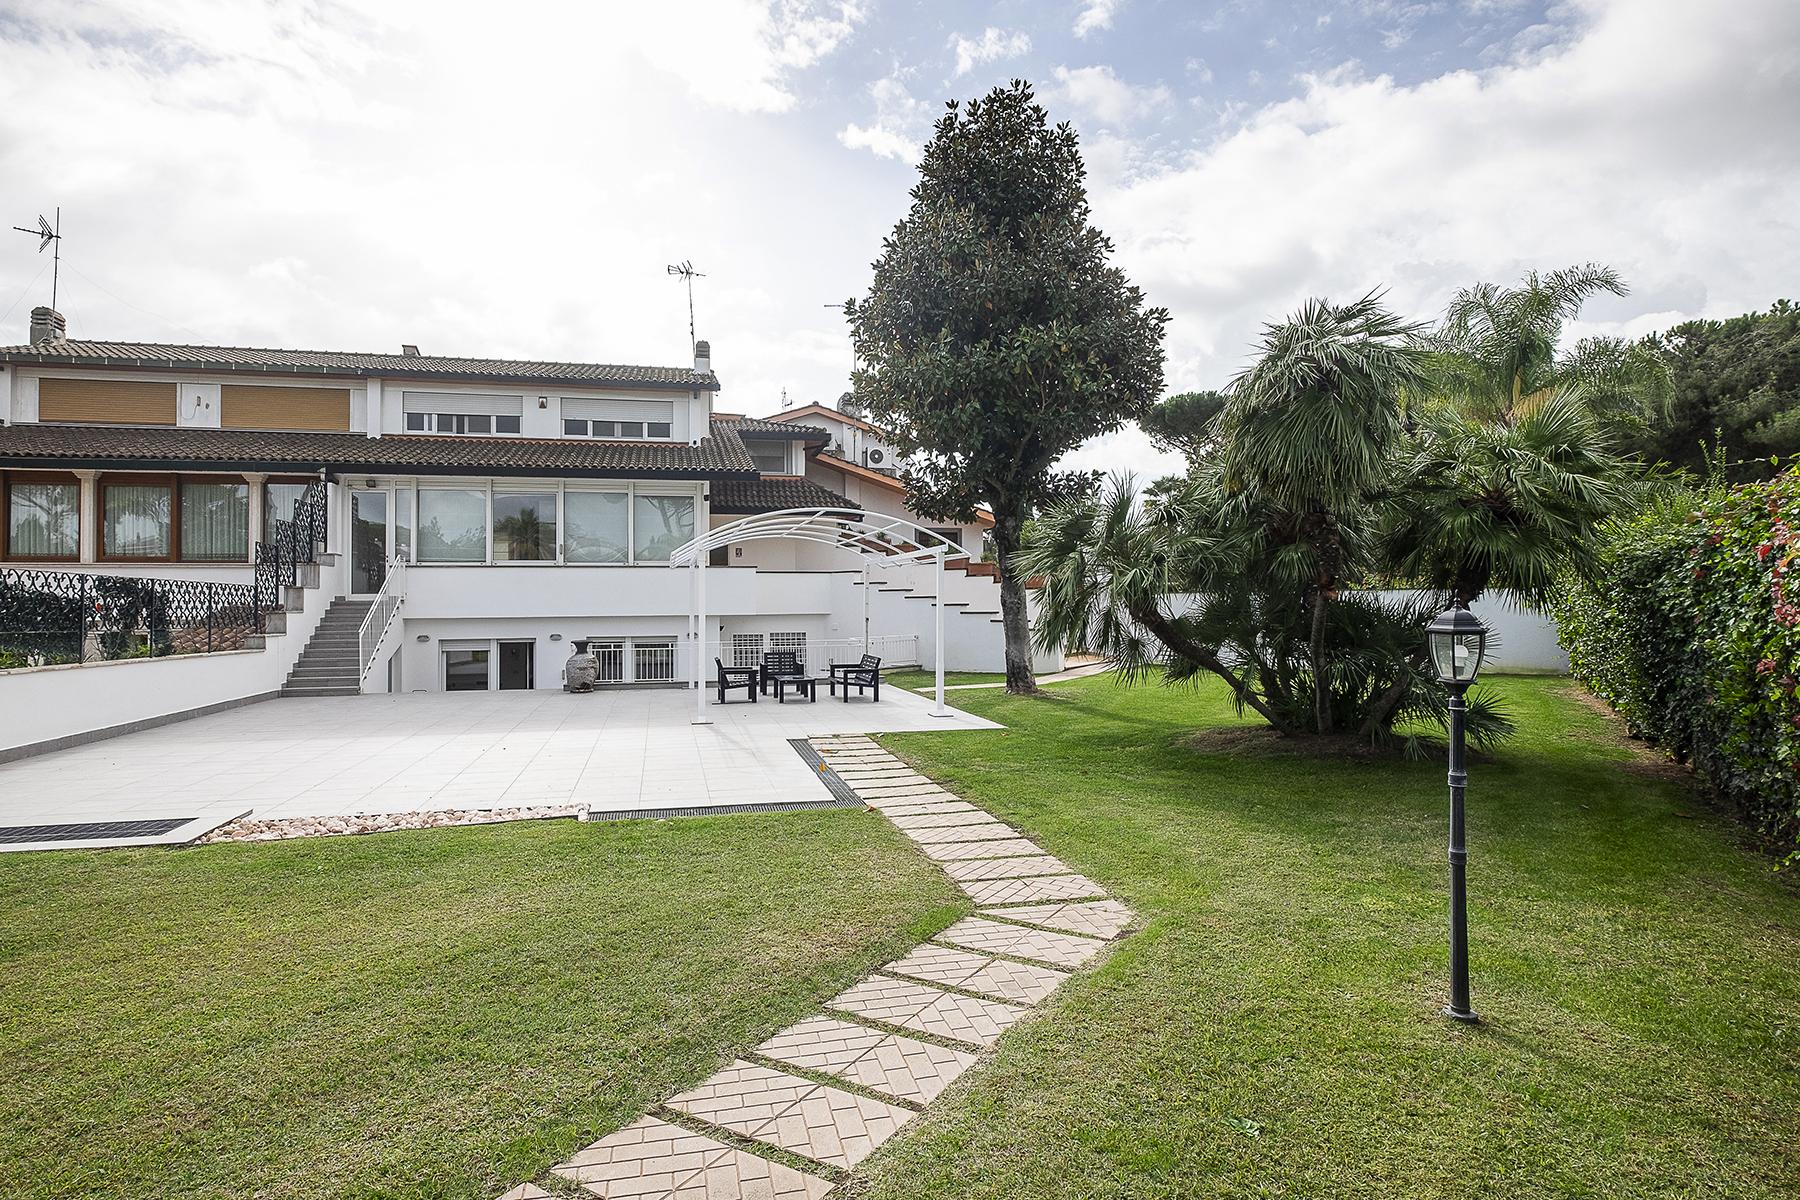 Casa indipendente in Affitto a Roma 26 Axa / Casalpalocco / Infernetto: 5 locali, 271 mq